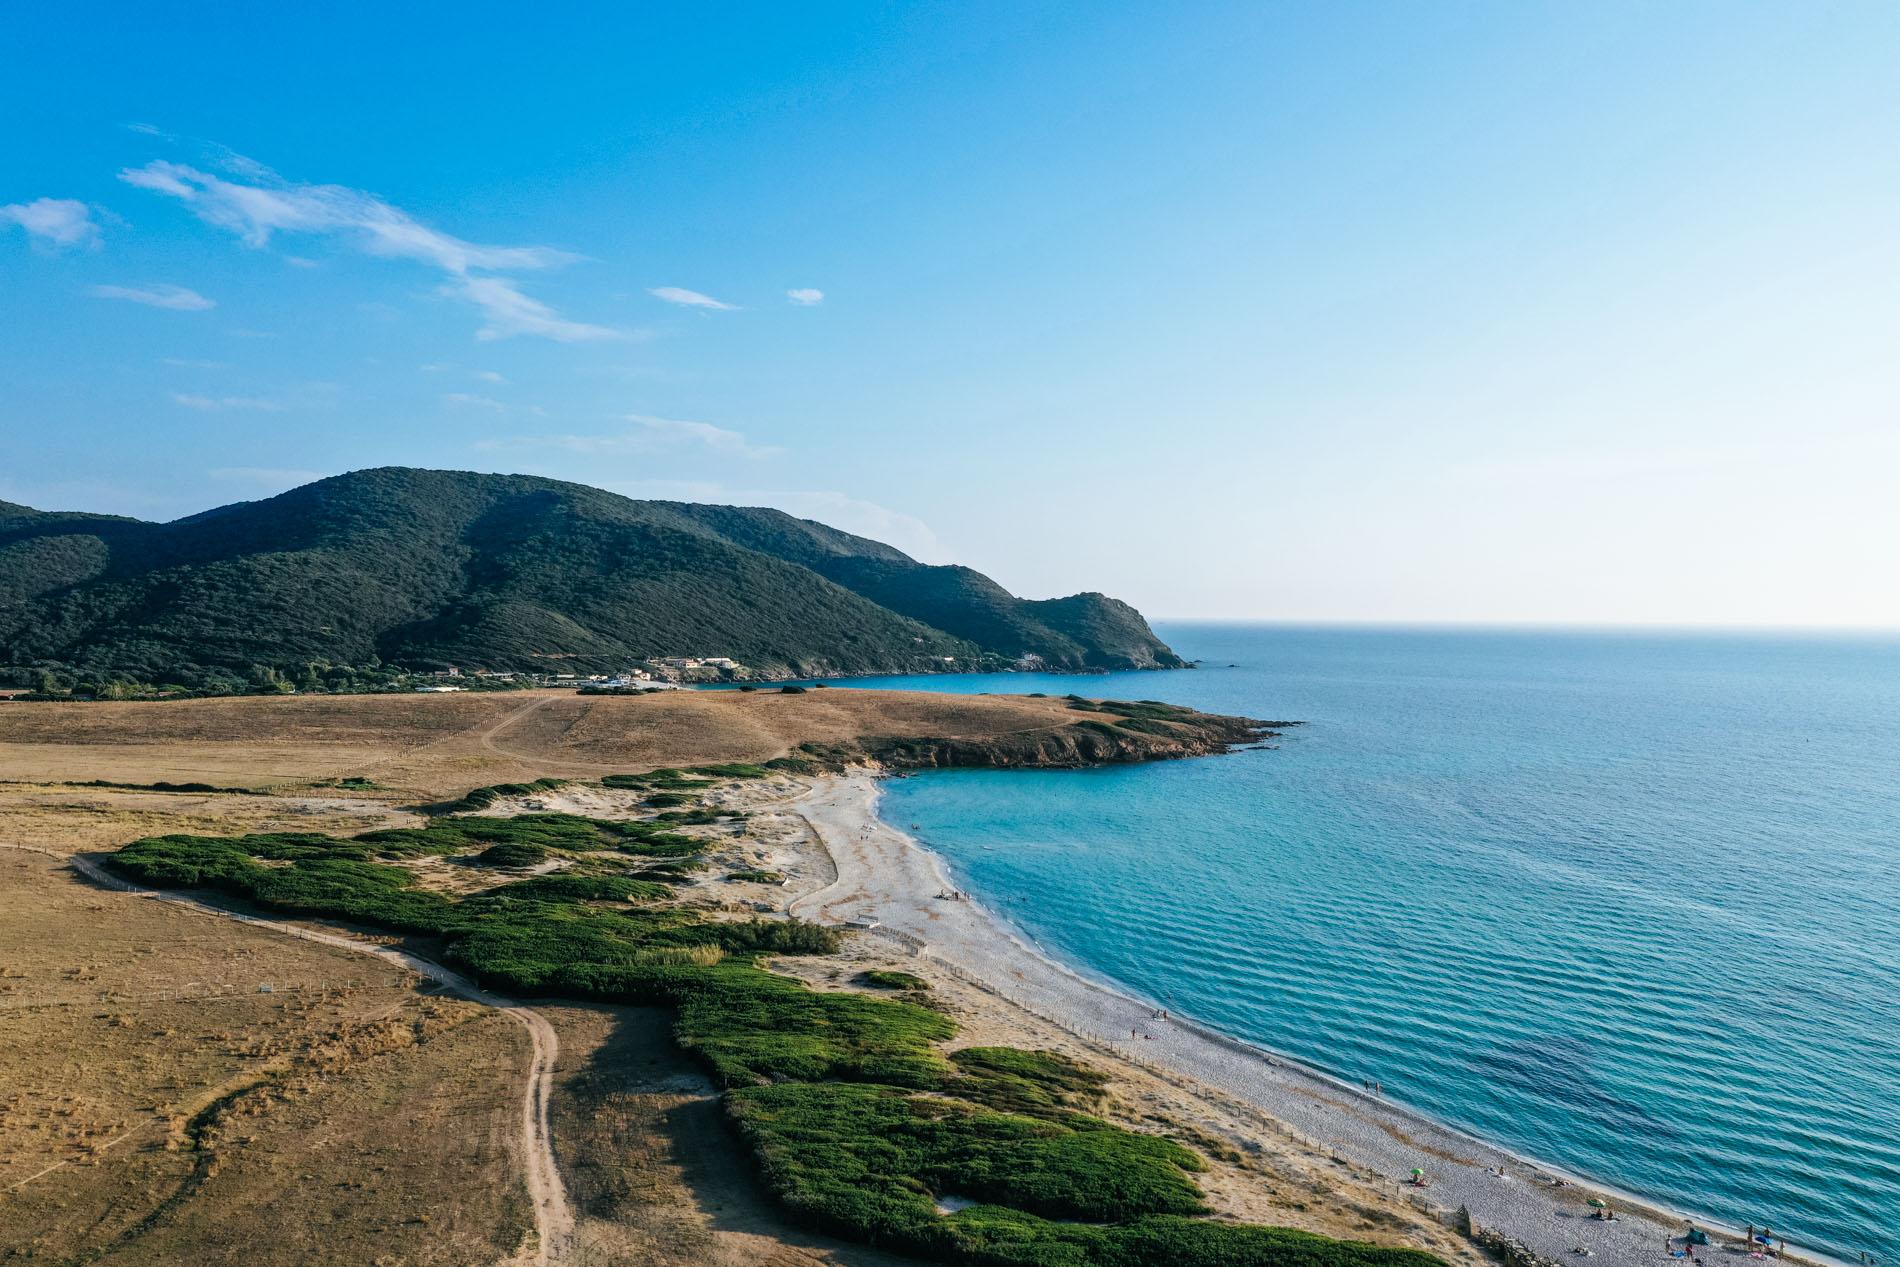 Plages en Corse